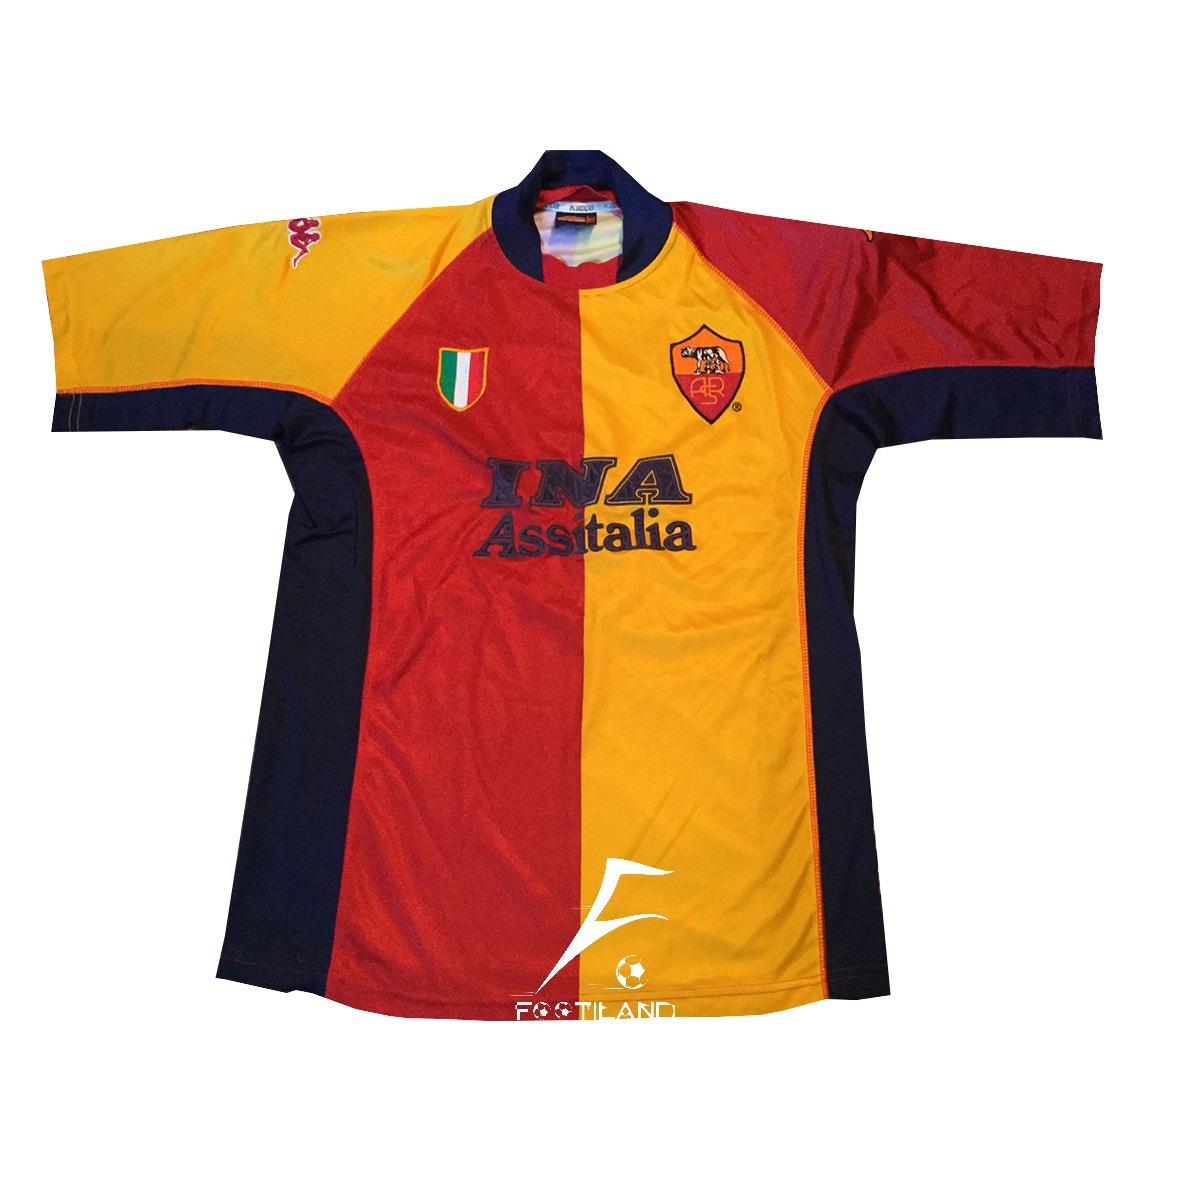 لباس کلاسیک رم 2002